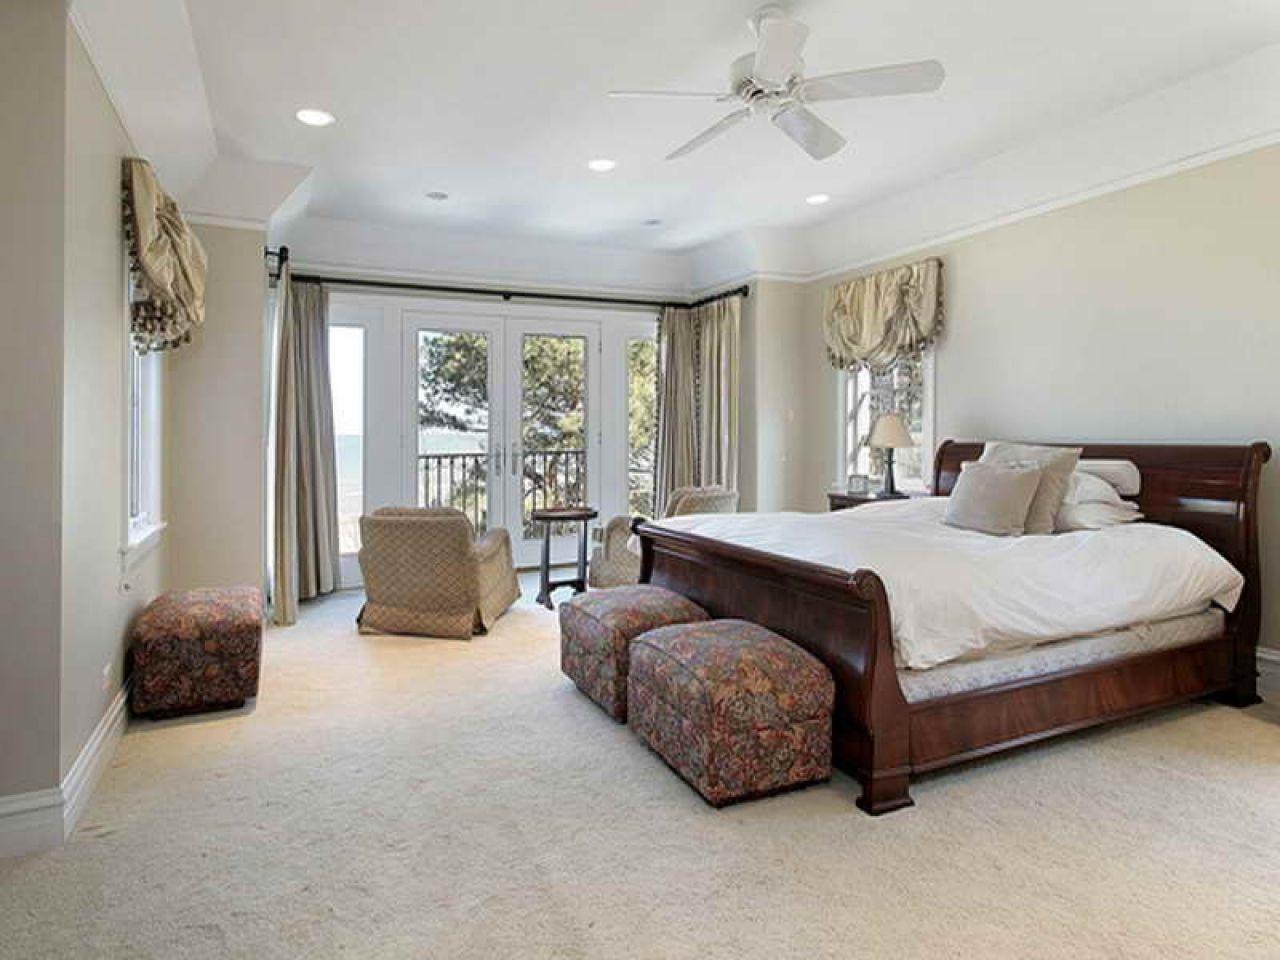 45 relaxing master bedroom ideas modern  silahsilah